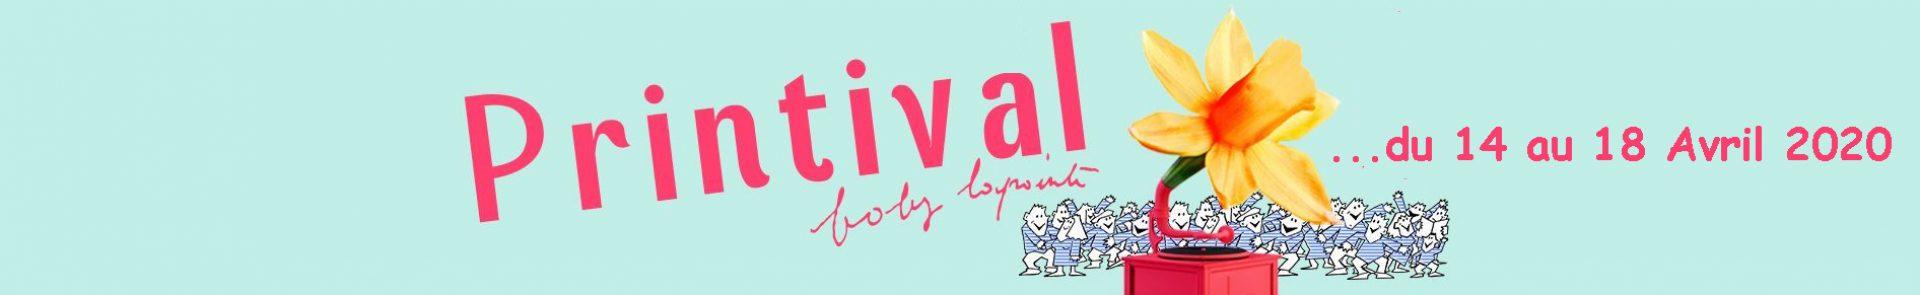 Printival - Festival de chanson française et label musical